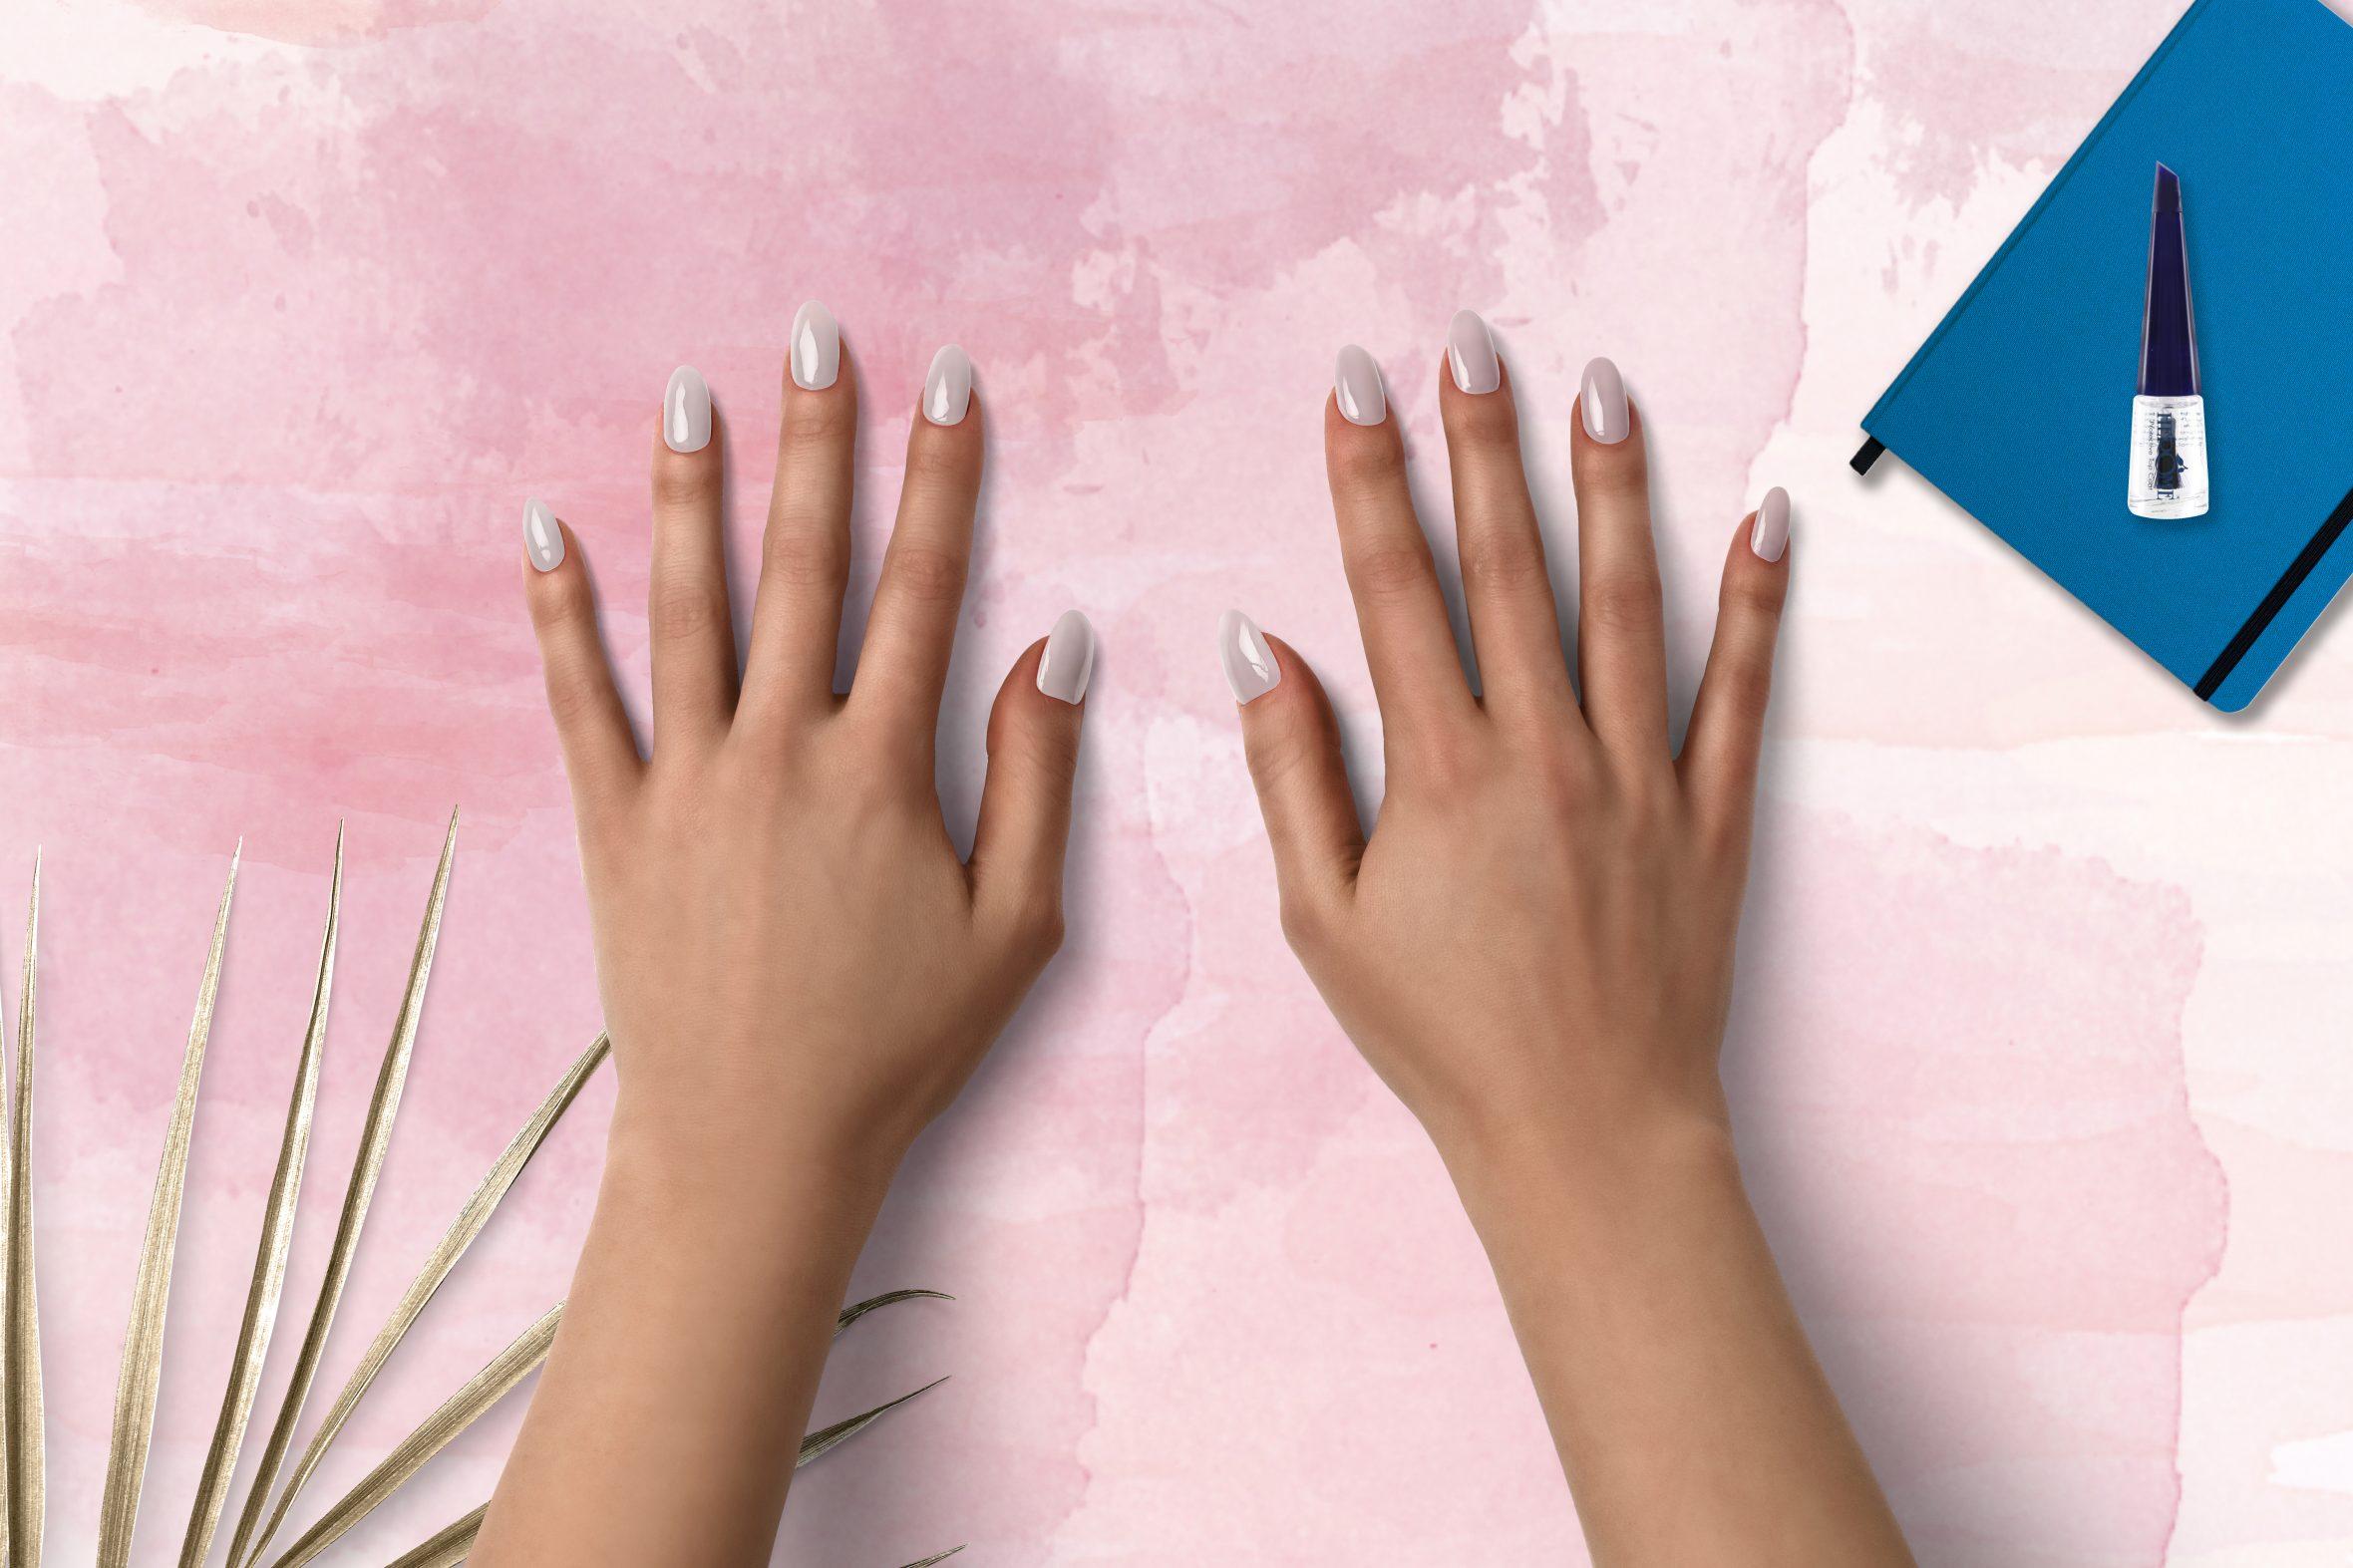 Roze parelmoer nagellak voor een natuurlijke manicure